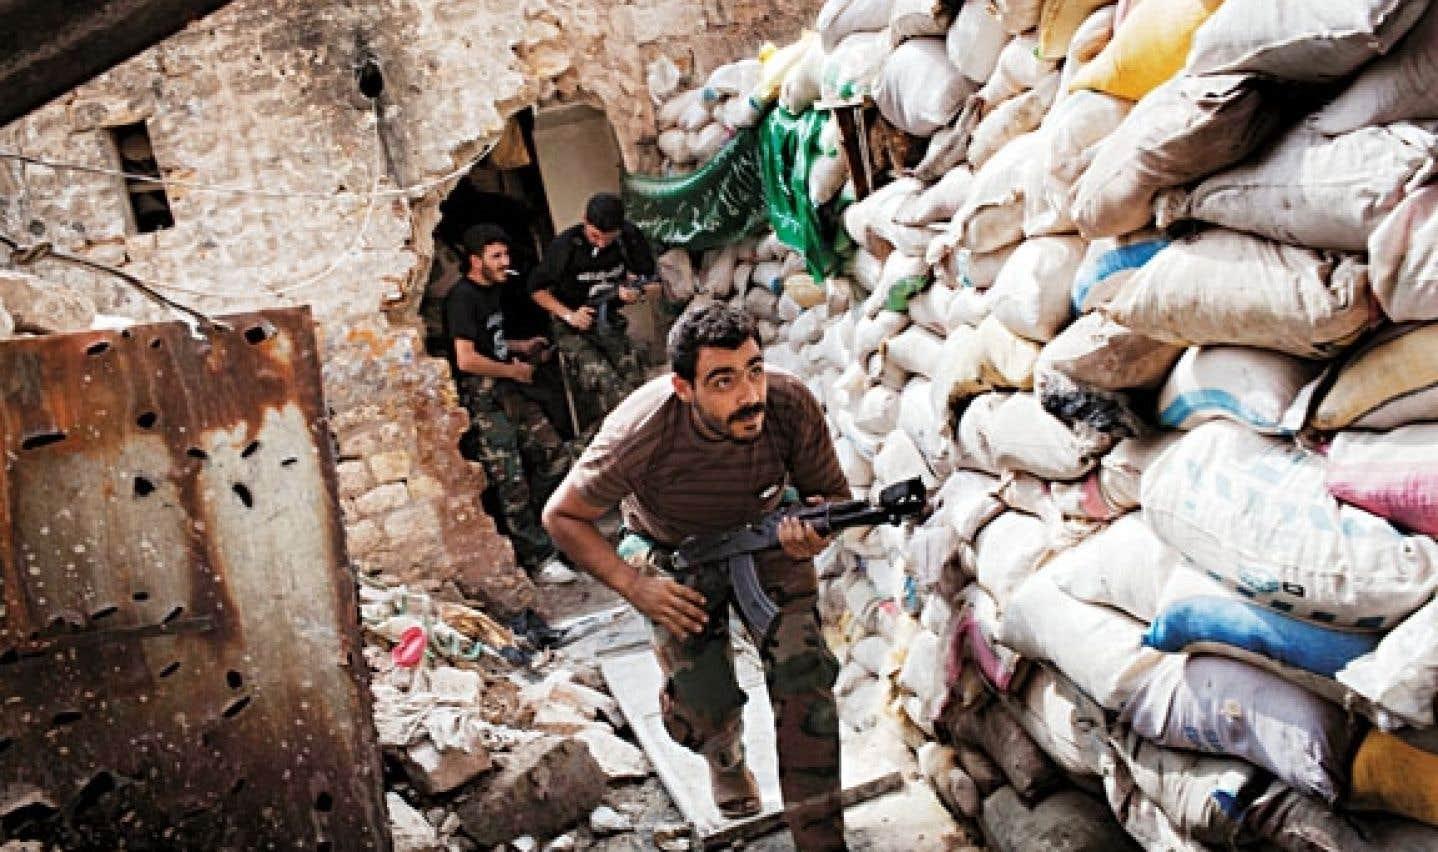 Syrie - Un milliard de dollars et un an pour détruire l'arsenal chimique, affirme Assad